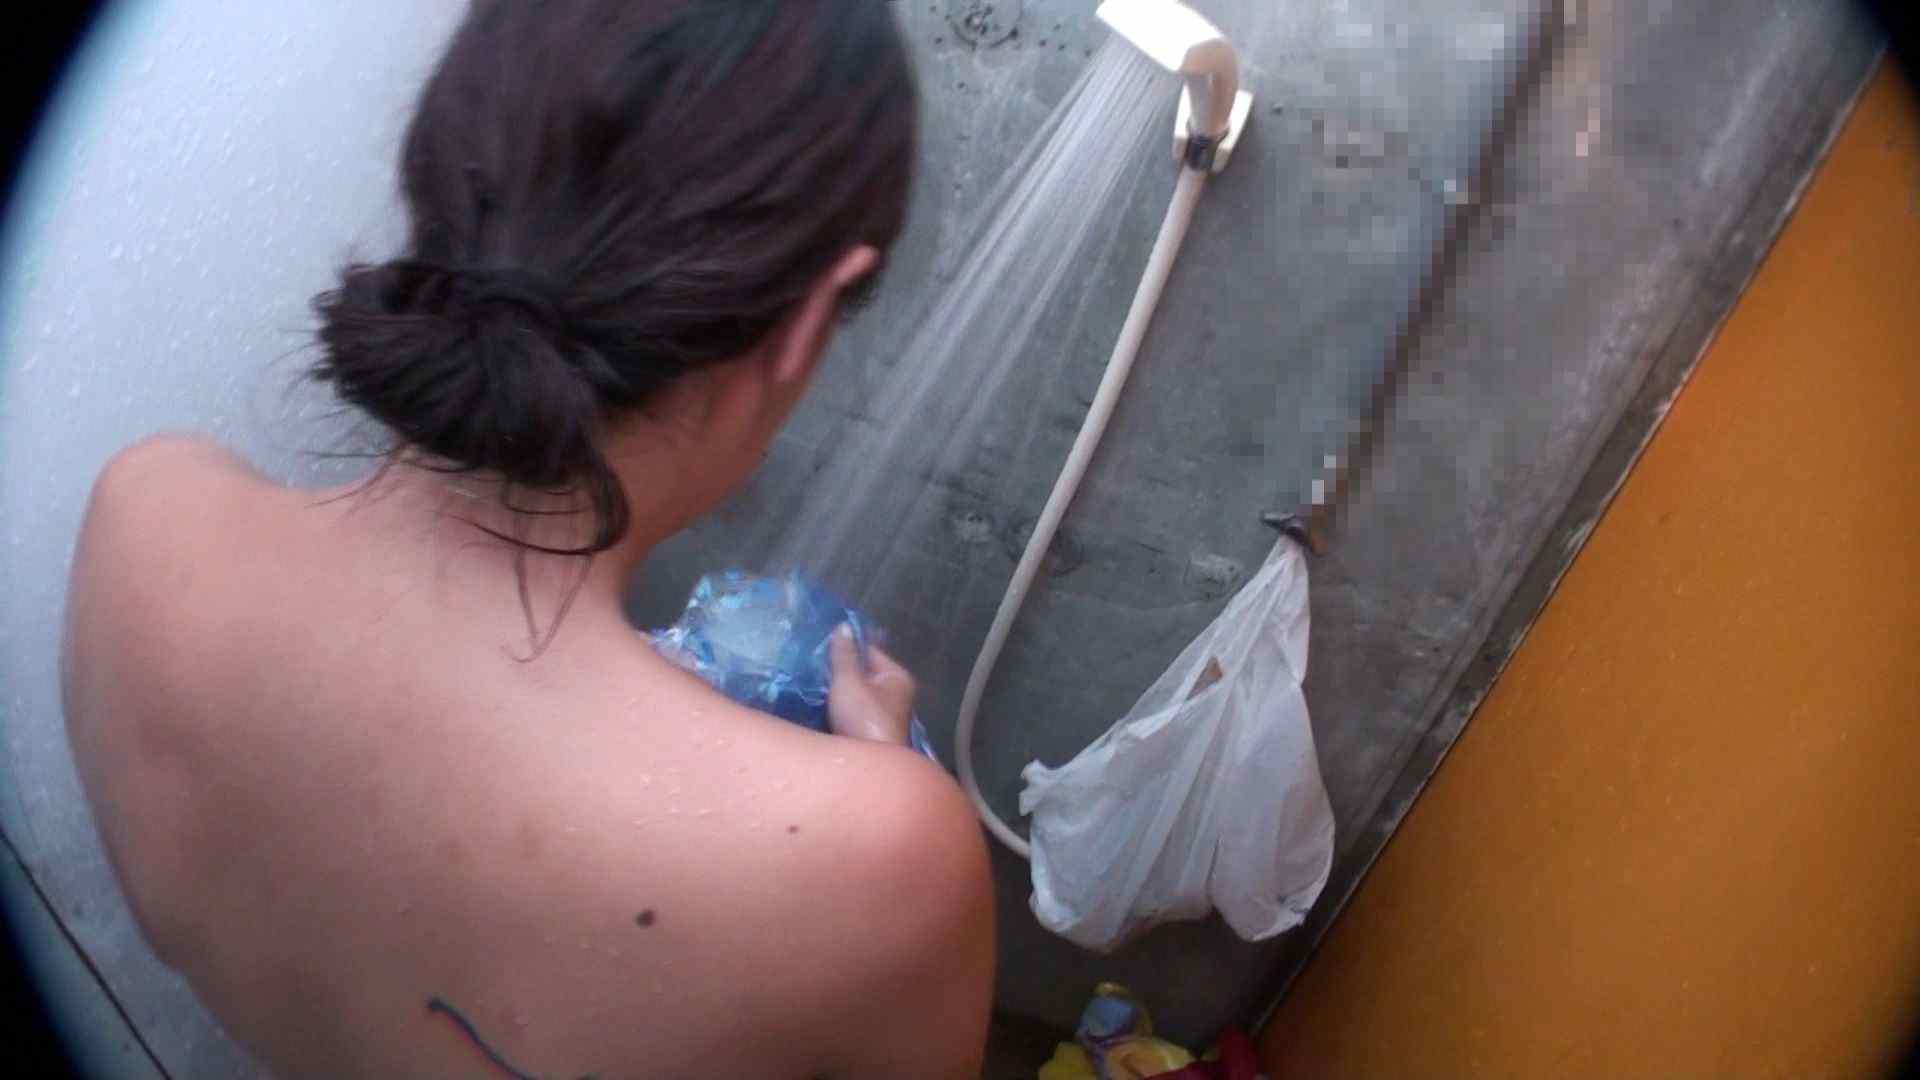 ハイビジョンシャワールームは超!!危険な香りVol.31 清楚なママのパンツはティーバック 脱衣所の着替え   エロティックなOL  103画像 70